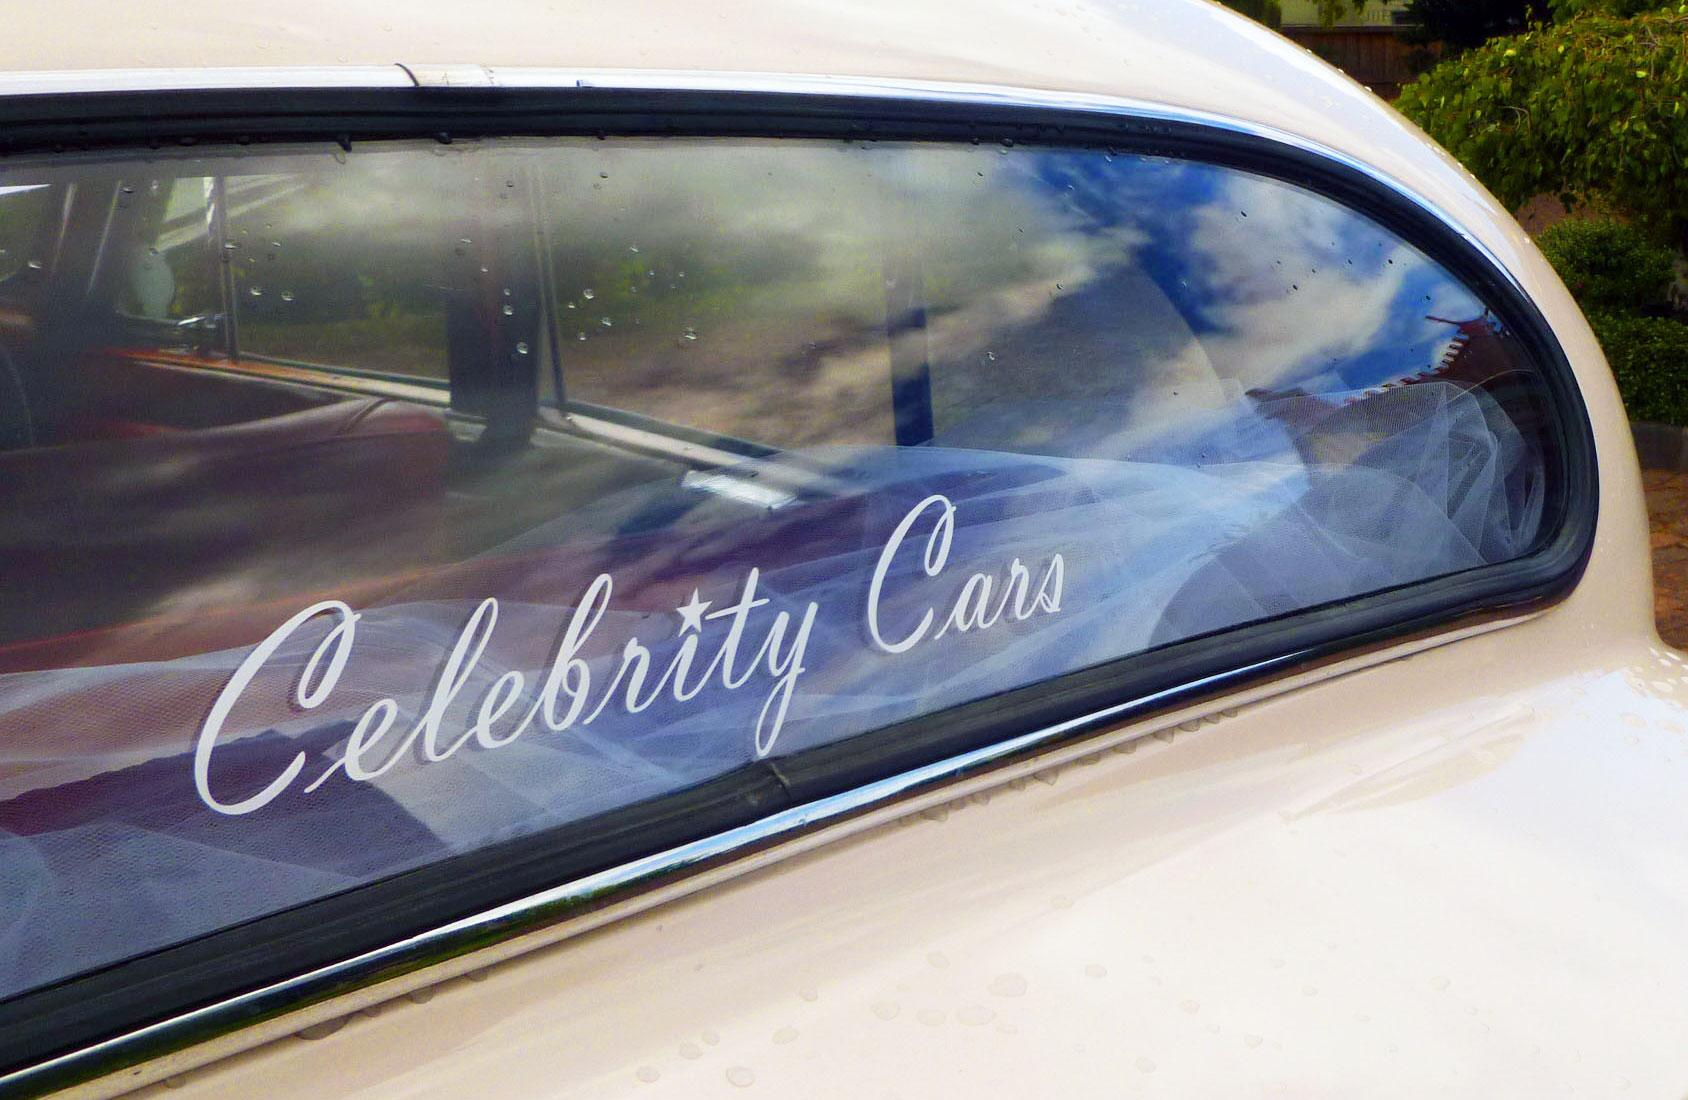 Celebrity-Cars - Roslyn-Court.jpg